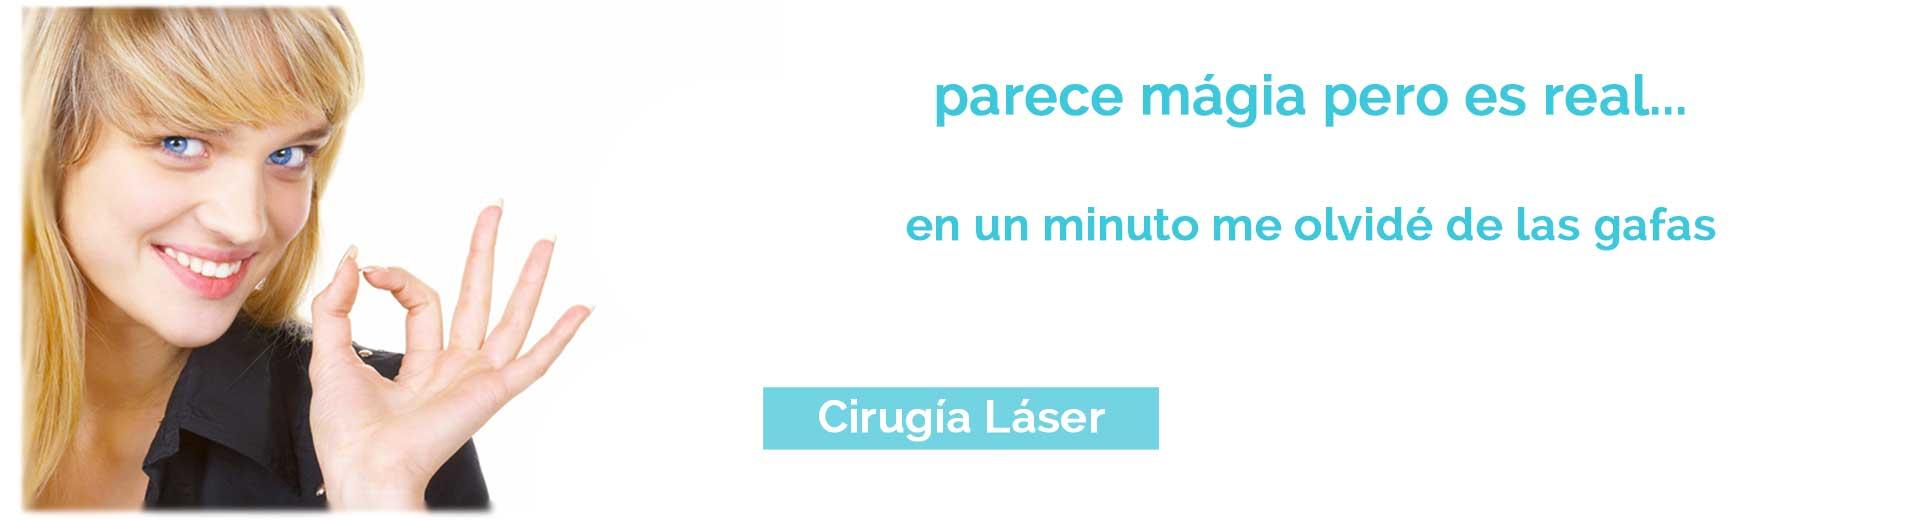 Cirugía Láser Sevilla